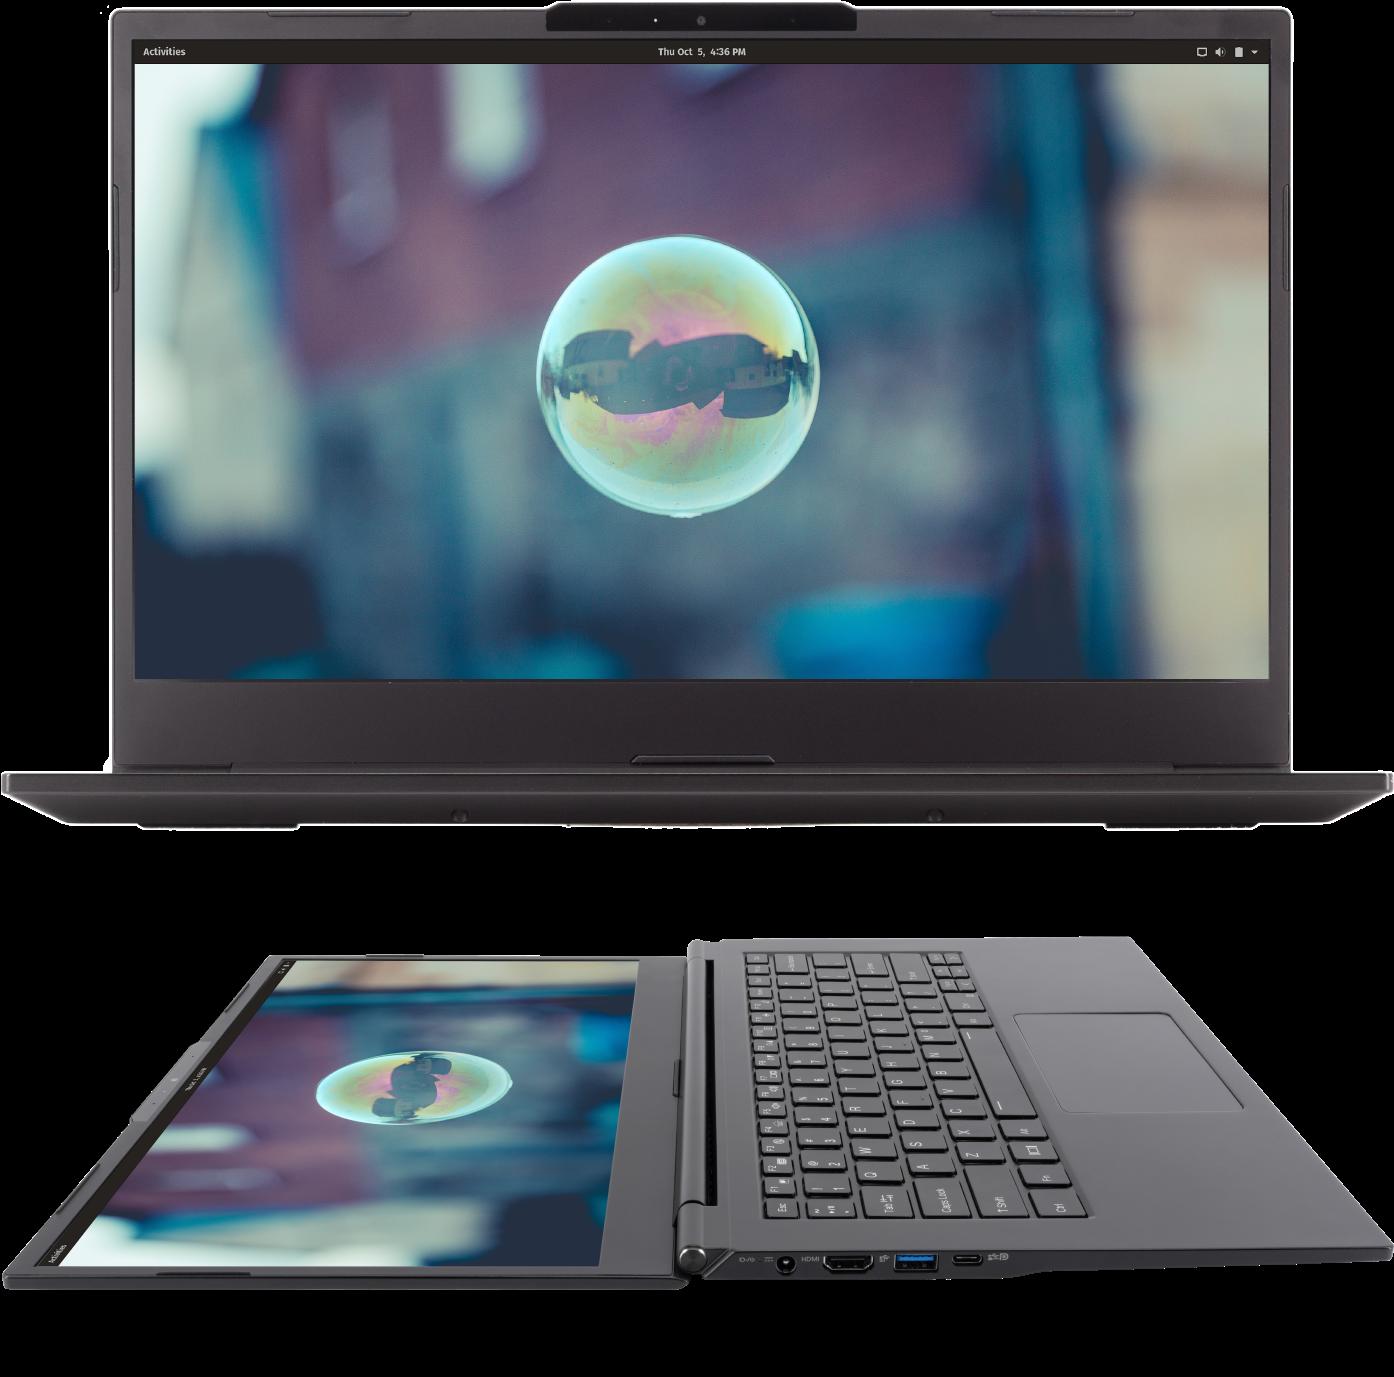 Lemur Pro: laptops